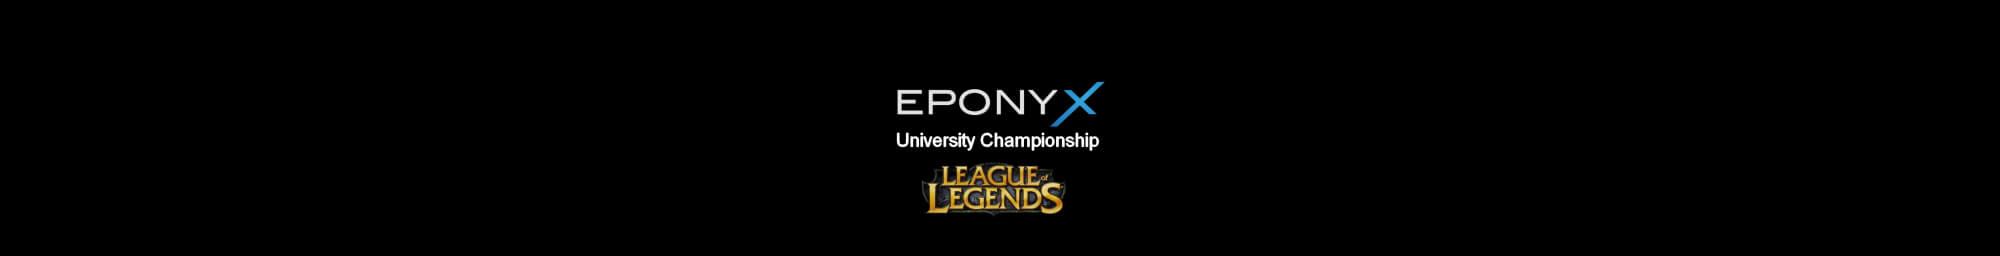 Une équipe du DUT Info remporte l'Eponyx Univ. Championship